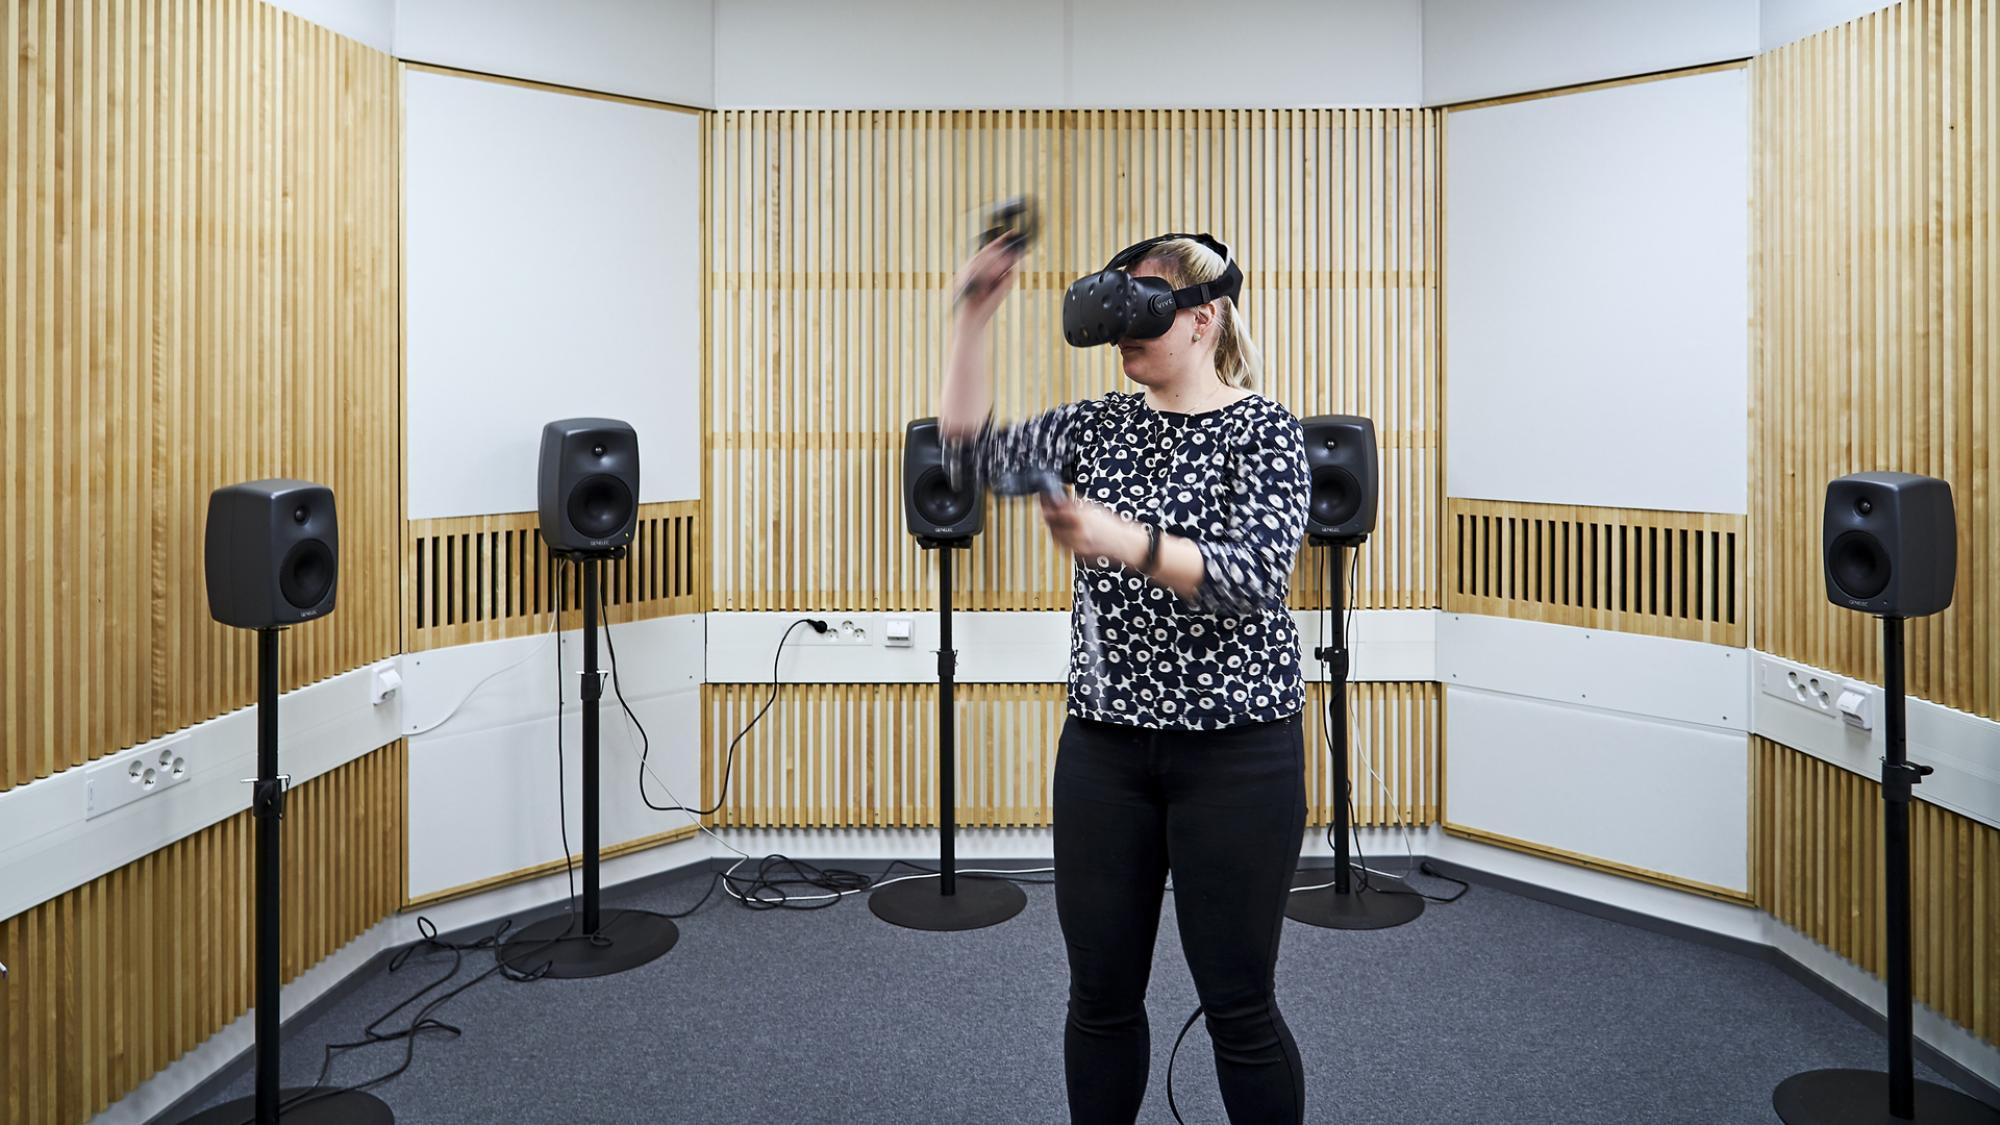 Oulun yliopiston LeaF-infrastruktuuri mahdollistaa mm. virtuaalisten kokemusten tutkimisen.